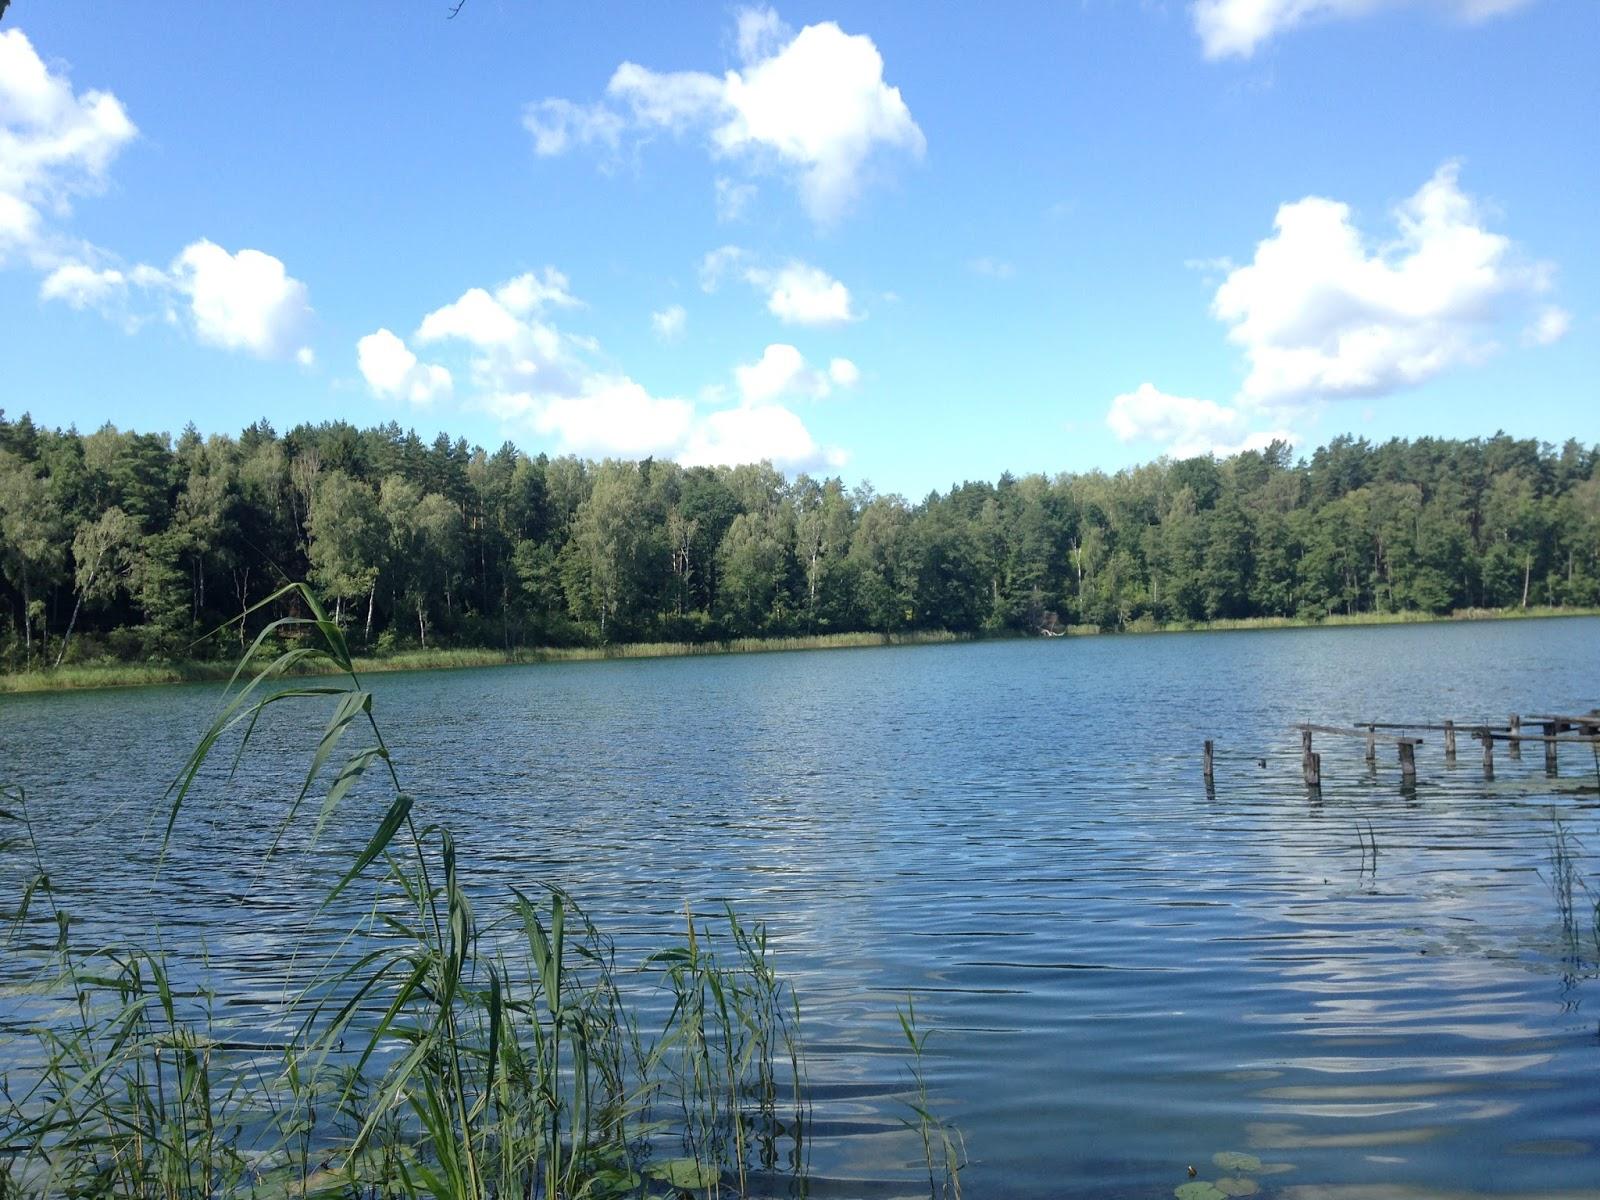 zdjęcie jeziora latem